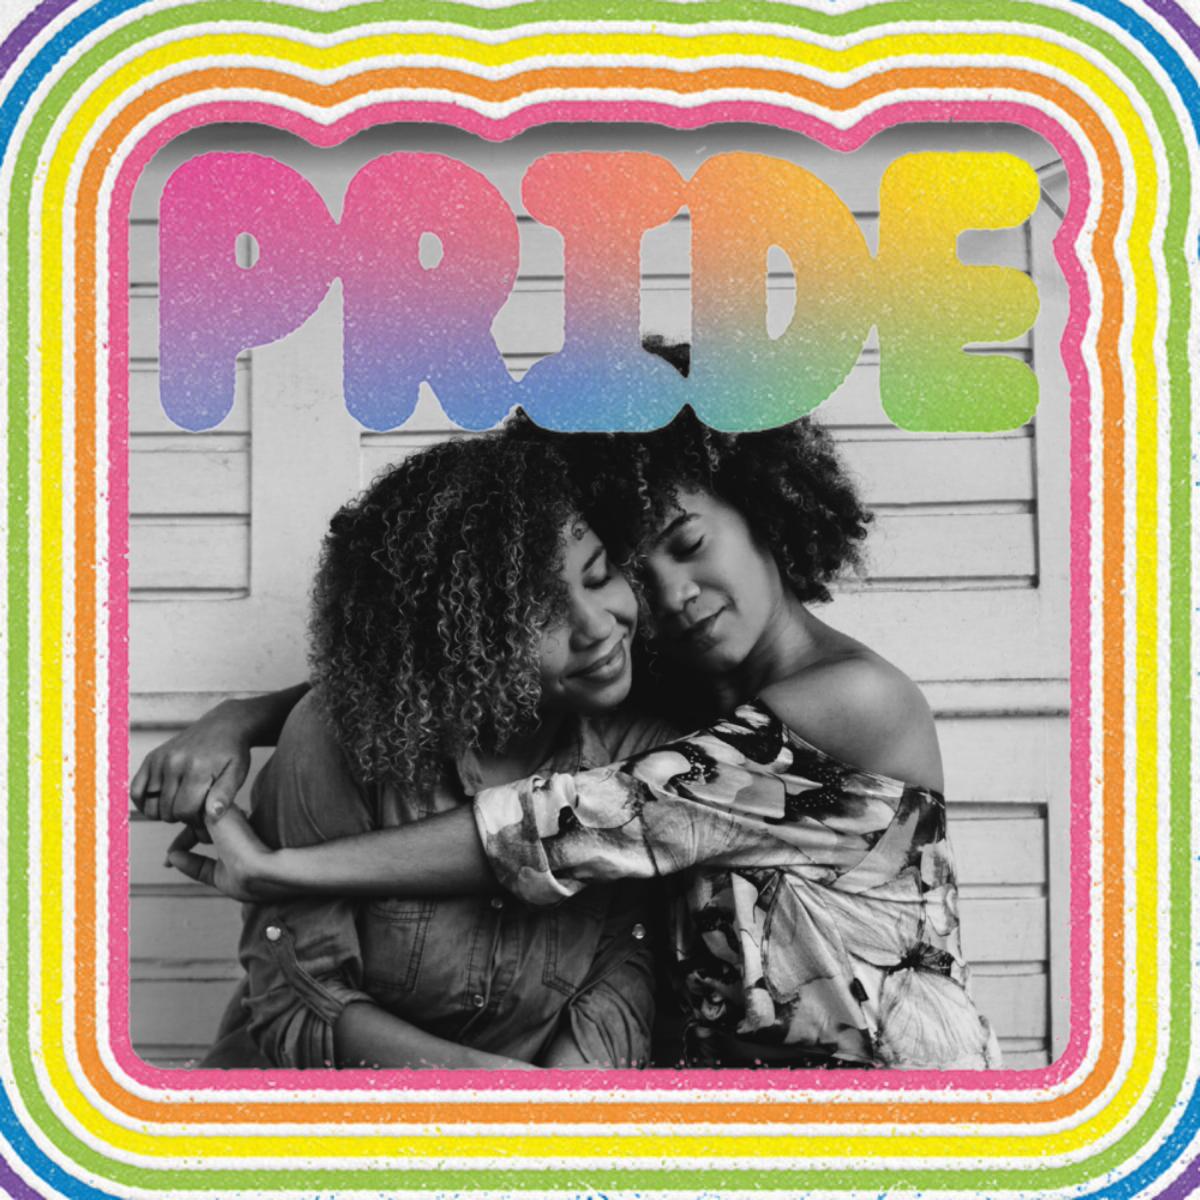 Round Rainbow Photo - Paperless Post